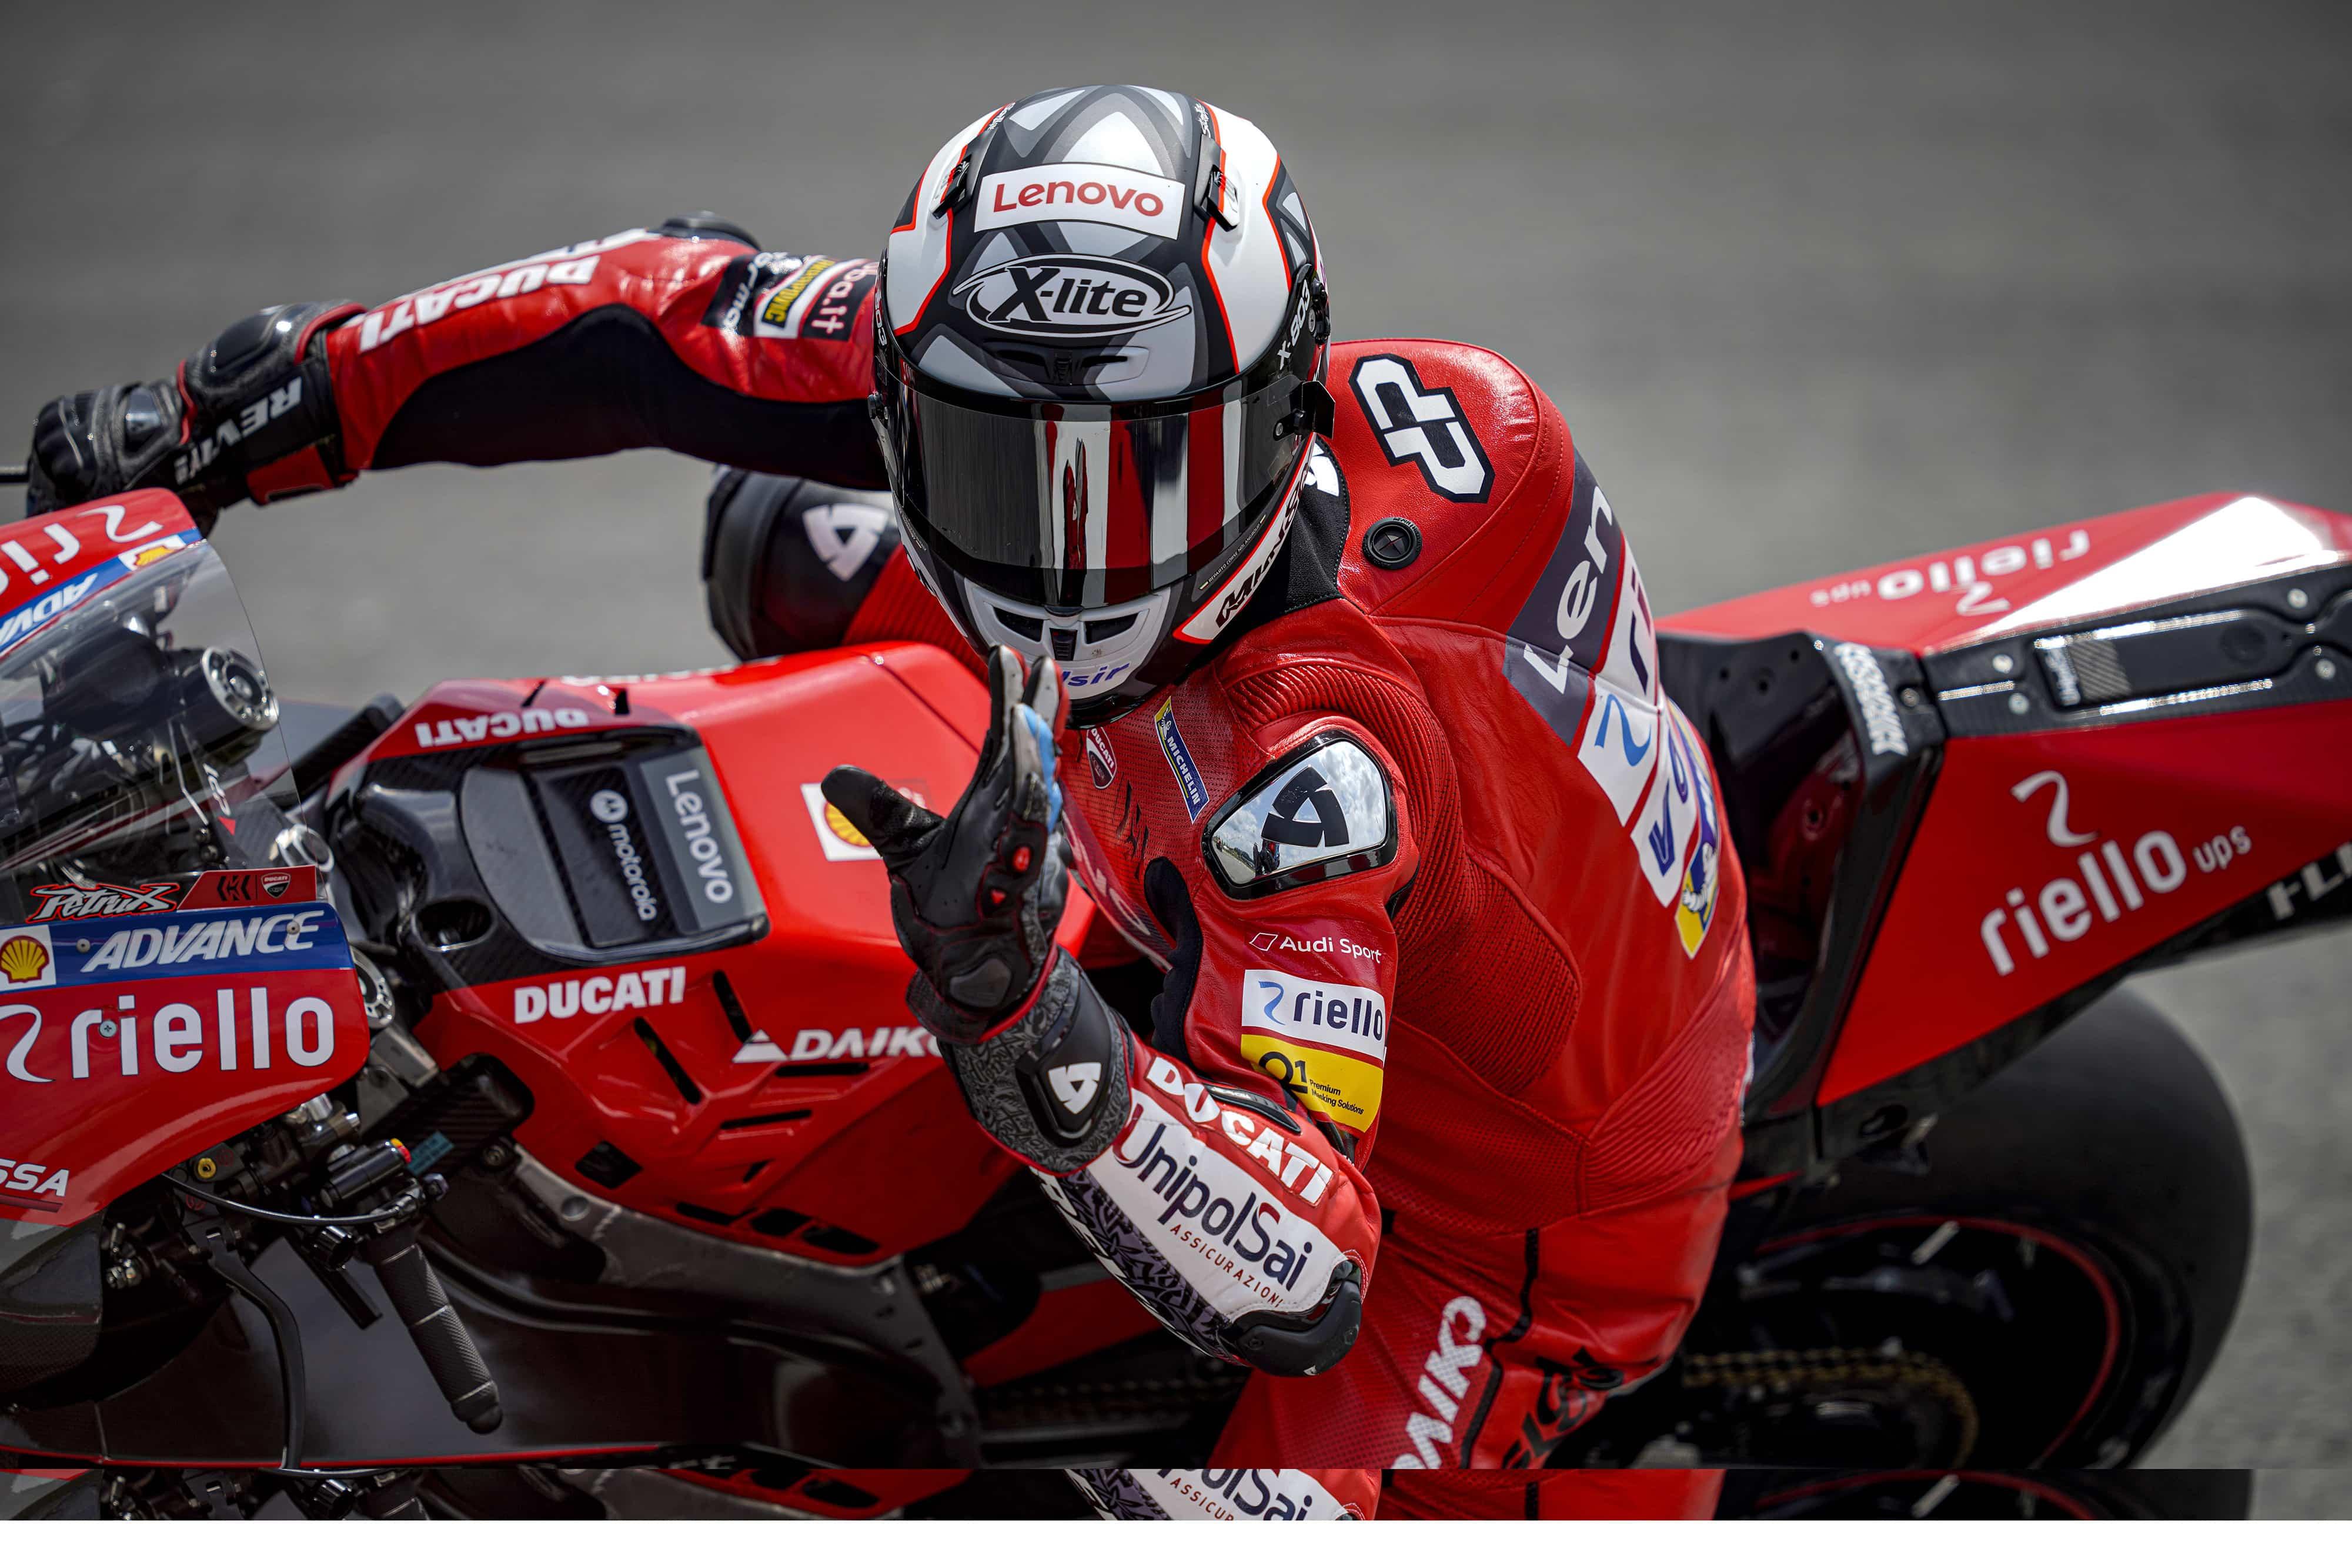 ダニーロ・ペトルッチ 2021年はアプリリア加入、もしくはスーパーバイクに参戦